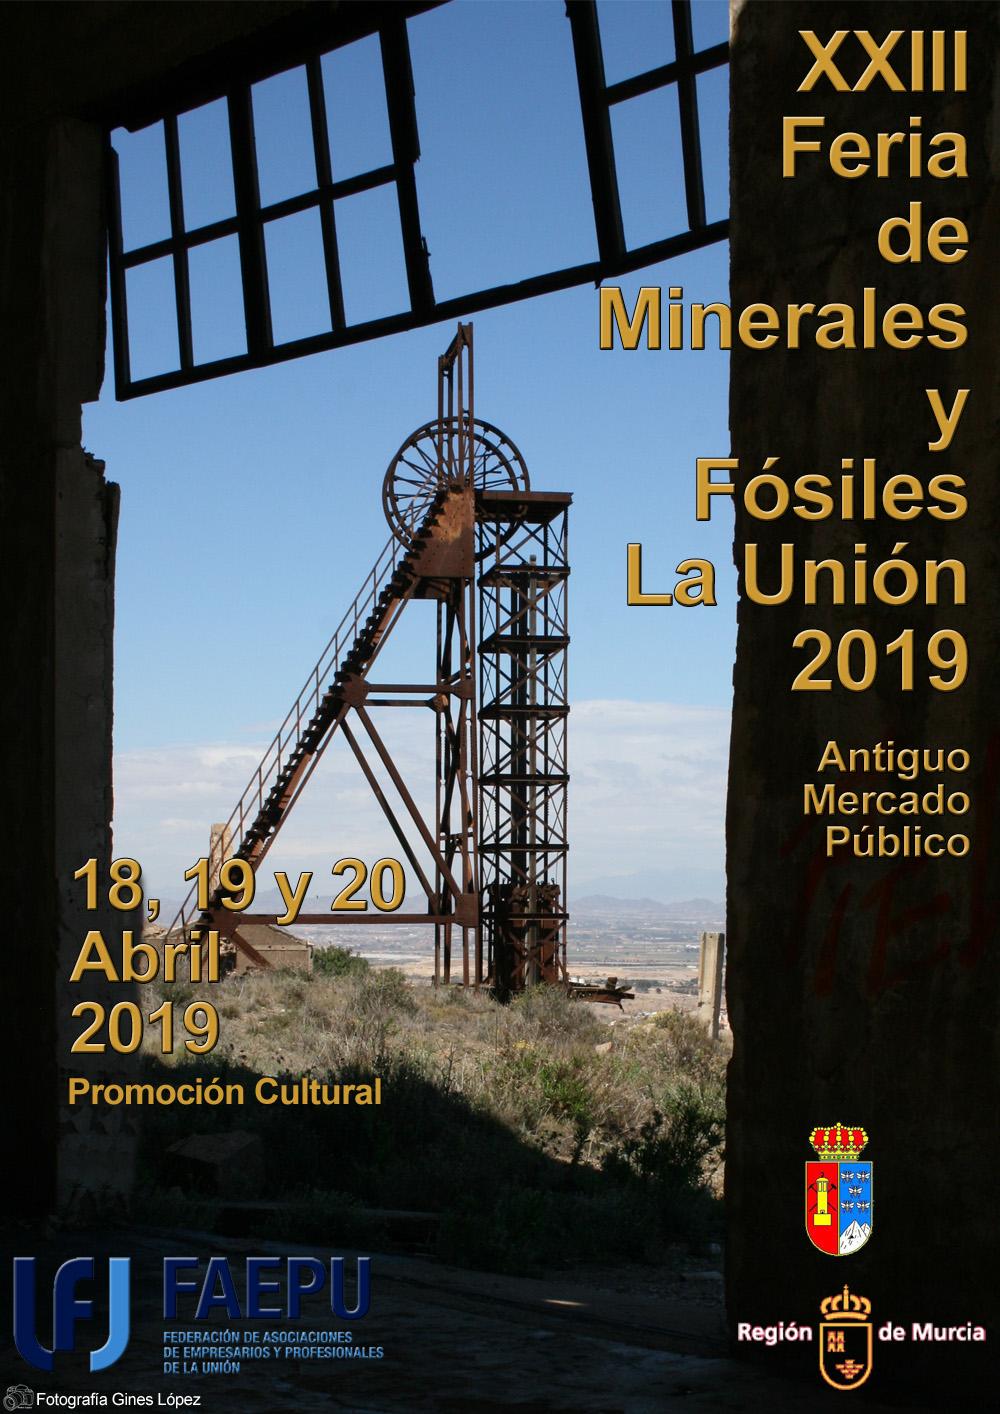 XXIII Feria de Minerales y Fósiles de la Unión Cartel10